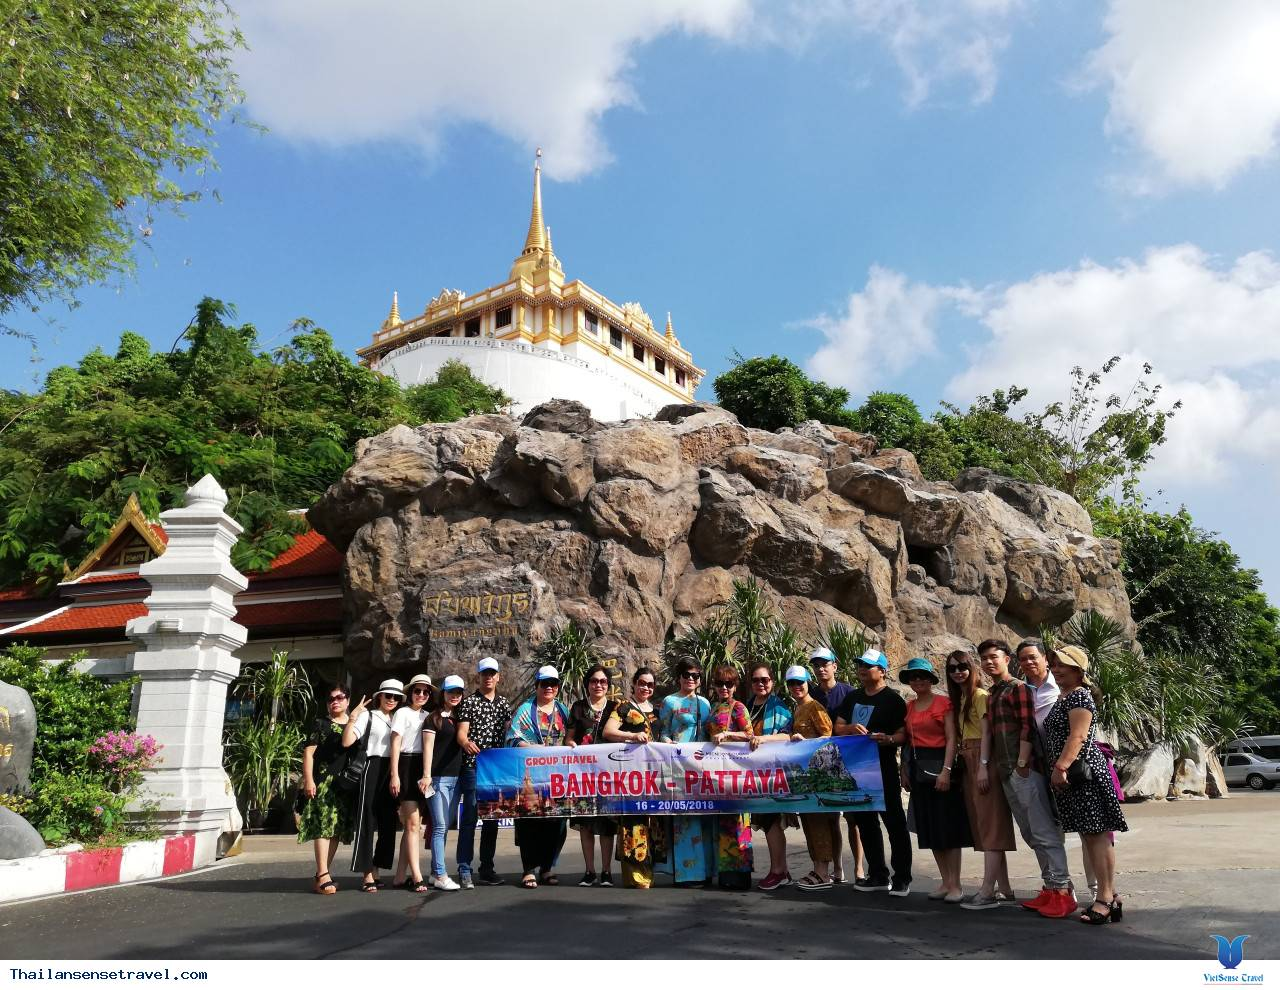 Du lịch khám phá Thái Lan dịp tết dương lịch